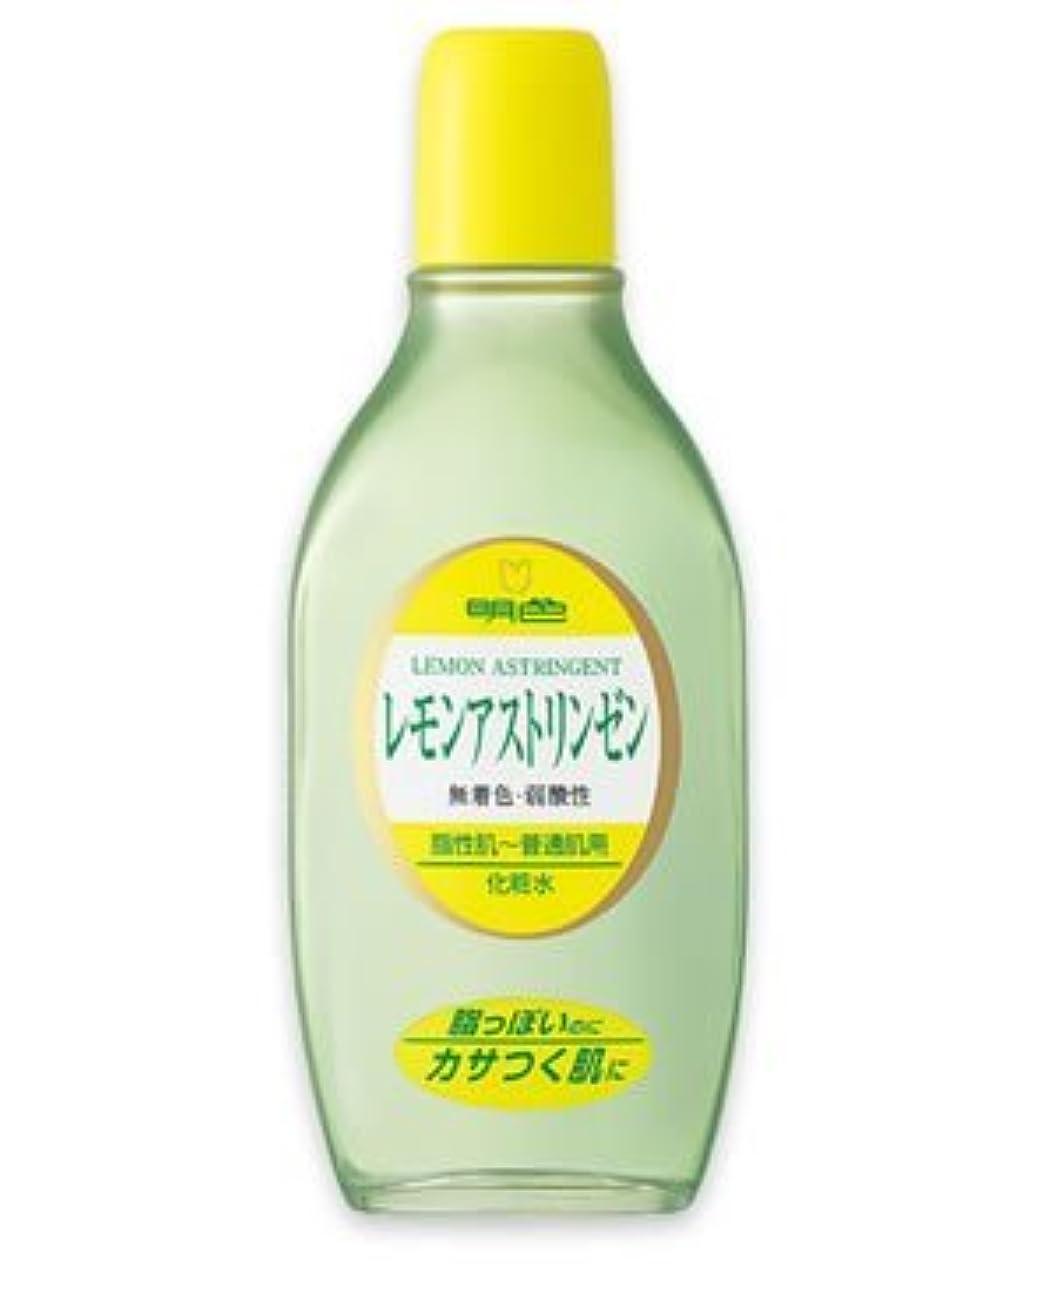 コミュニティ順応性のあるスキャンダル(明色)レモンアストリンゼン 170ml(お買い得3本セット)